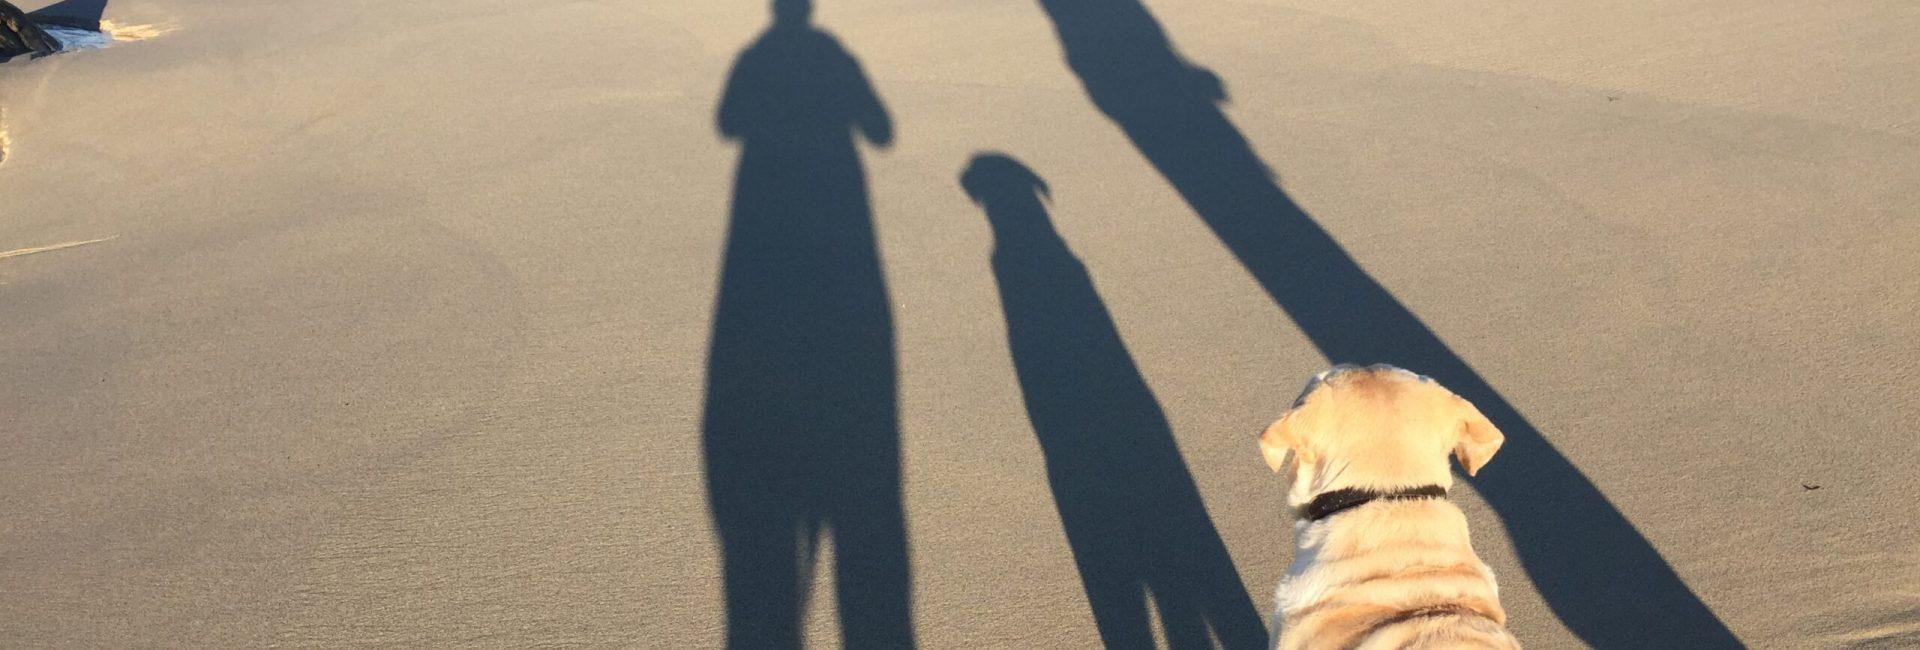 Schattenwurf mit Hund am Strand